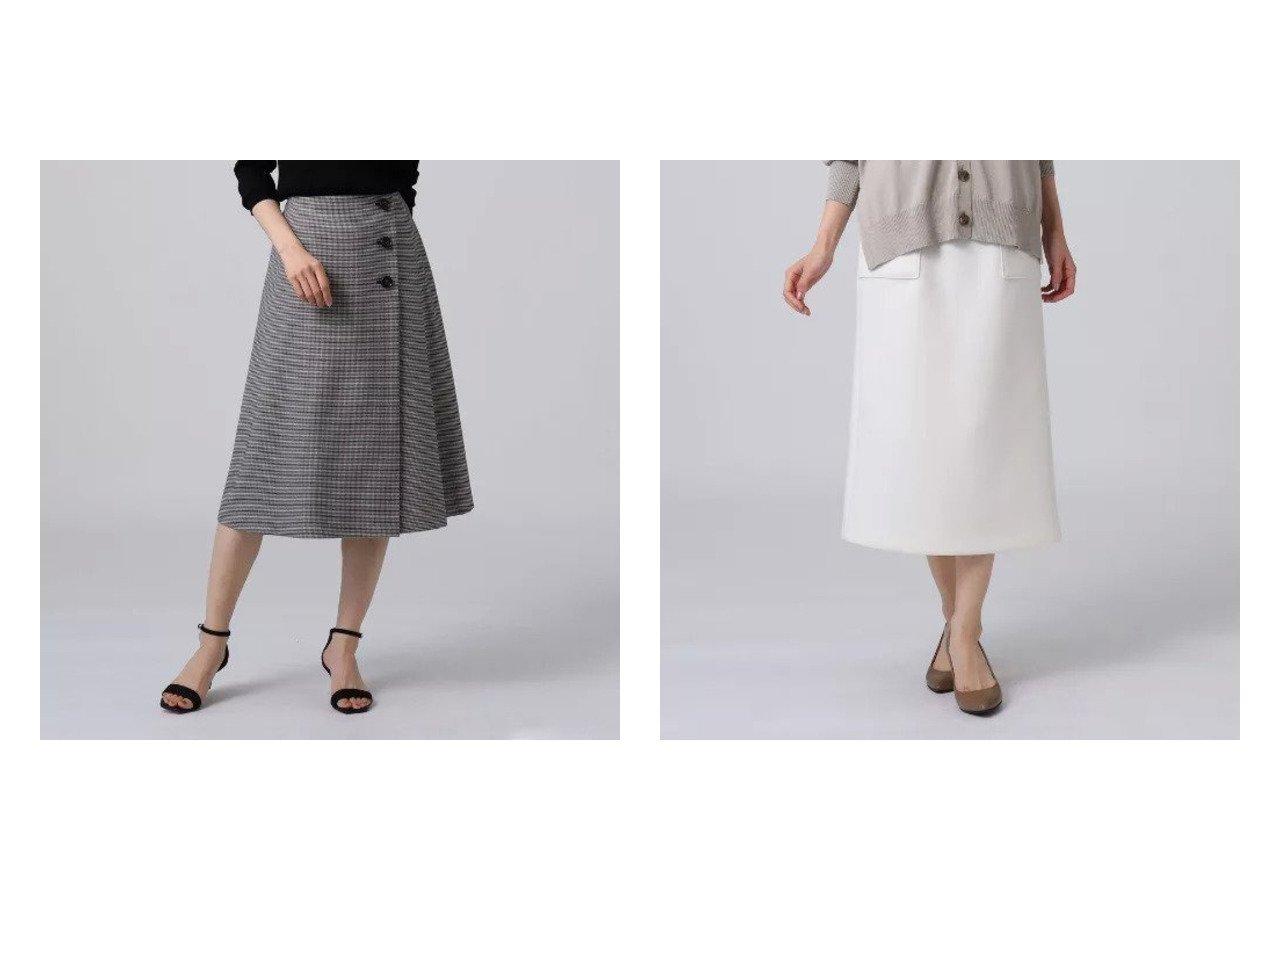 【UNTITLED/アンタイトル】のエアクッションジャージタイトスカート&ラップ風タックフレアスカート アンタイトルのおすすめ!人気、トレンド・レディースファッションの通販  おすすめで人気の流行・トレンド、ファッションの通販商品 メンズファッション・キッズファッション・インテリア・家具・レディースファッション・服の通販 founy(ファニー) https://founy.com/ ファッション Fashion レディースファッション WOMEN スカート Skirt Aライン/フレアスカート Flared A-Line Skirts ストレッチ フェミニン フレア ポケット ラップ おすすめ Recommend インナー クッション シンプル フィット |ID:crp329100000020980